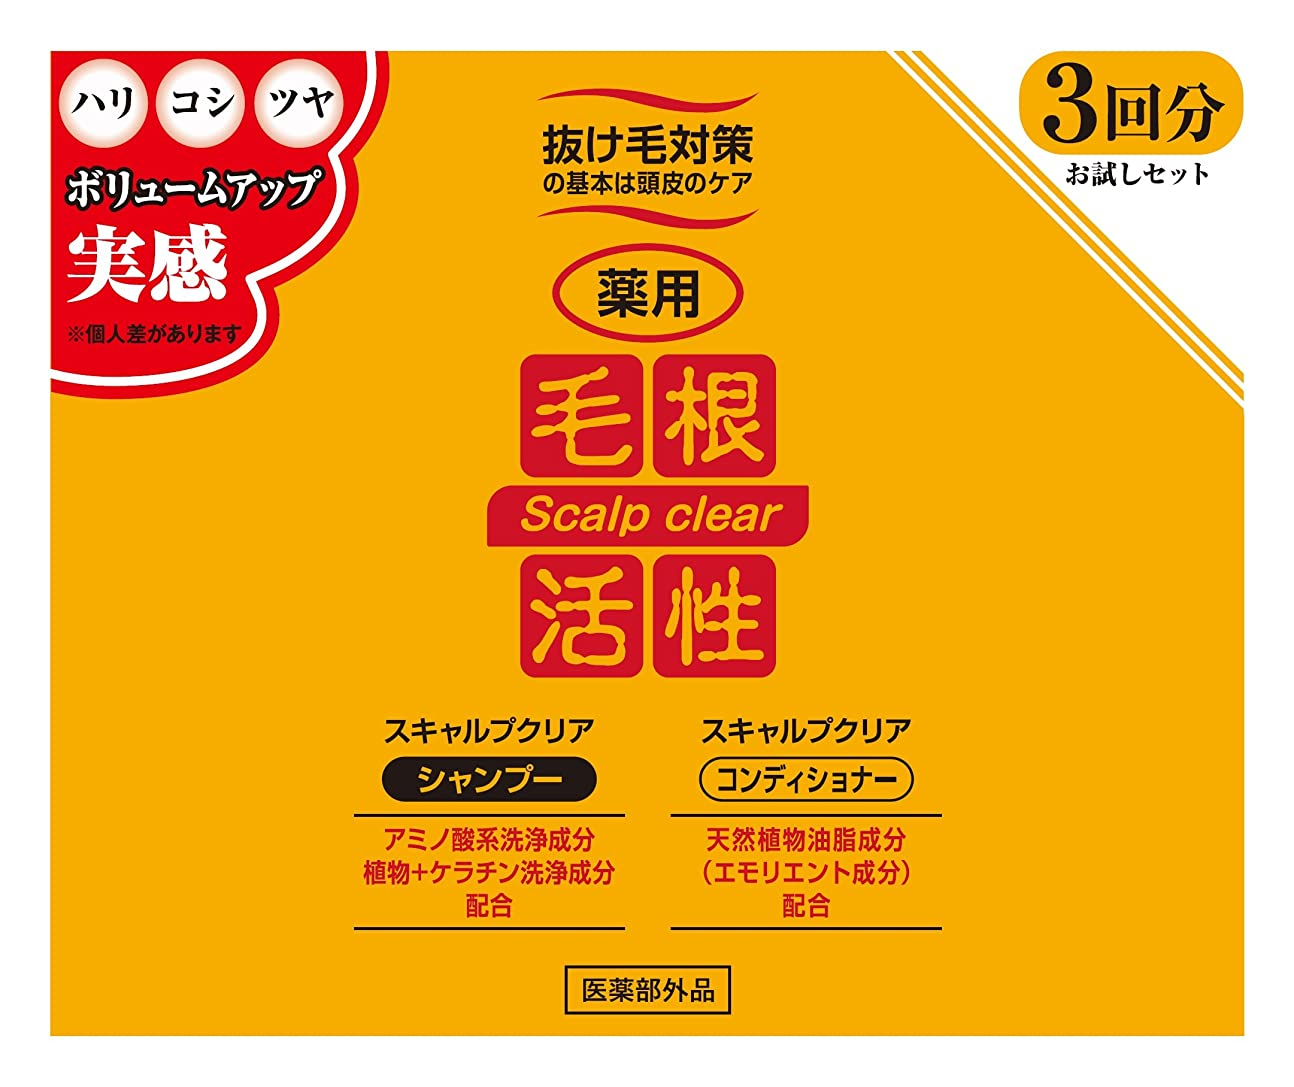 コカイン心配する洗剤薬用 毛根活性 シャンプー&コンディショナー 3日間お試しセット (シャンプー10ml×3個 + コンディショナー10ml×3個)